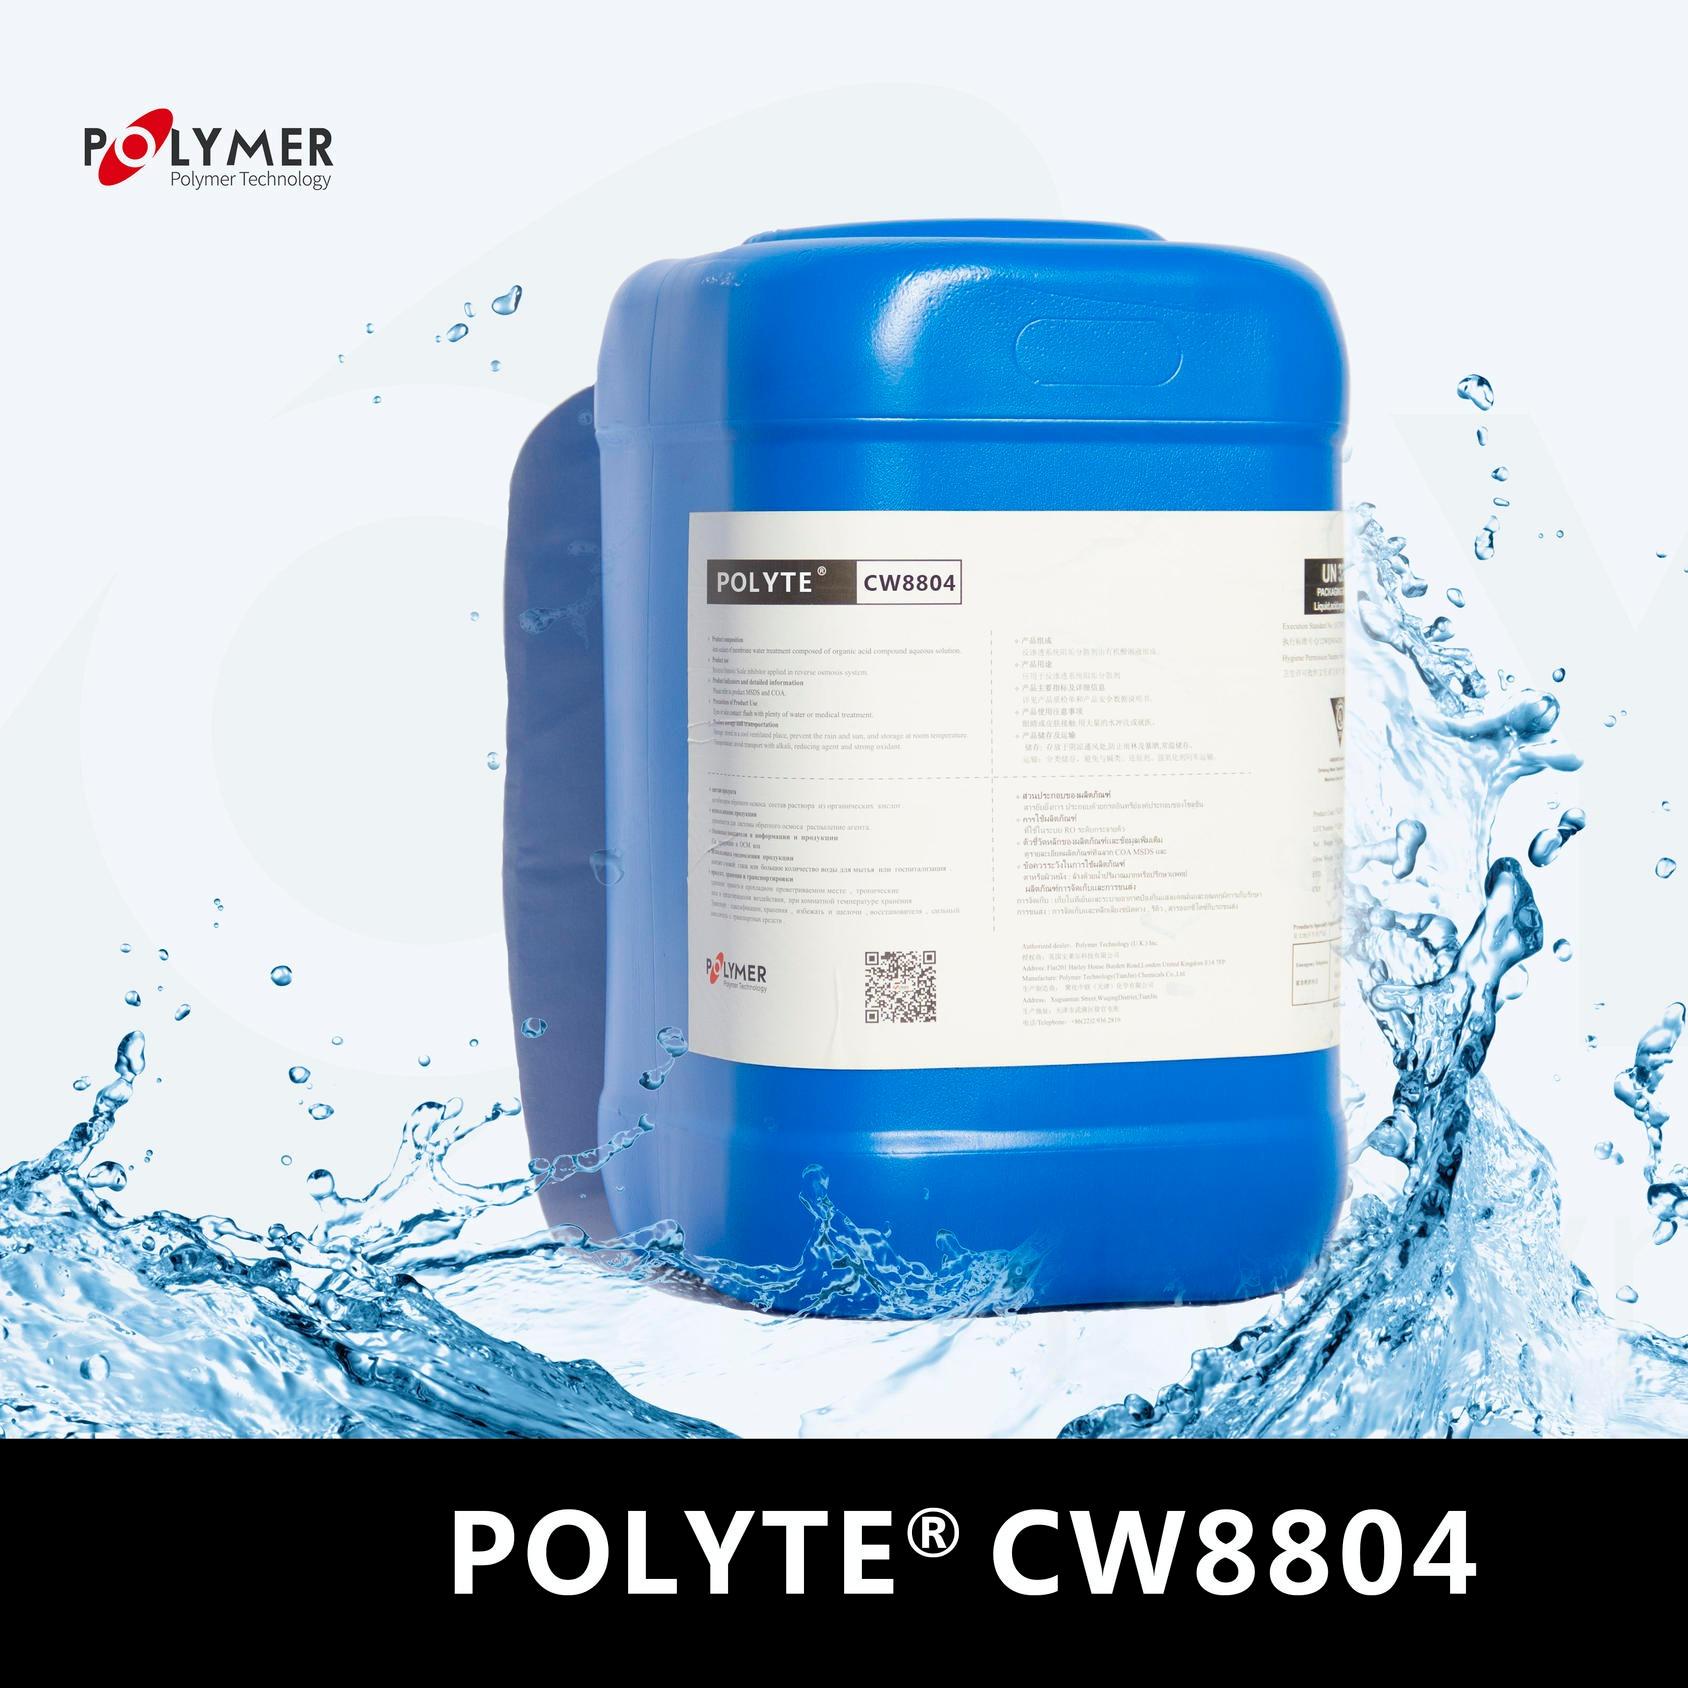 宝莱尔 循环水粘泥剥离剂 POLYTE CW8804 英国POLYMER品牌 厂家直供 价格面谈